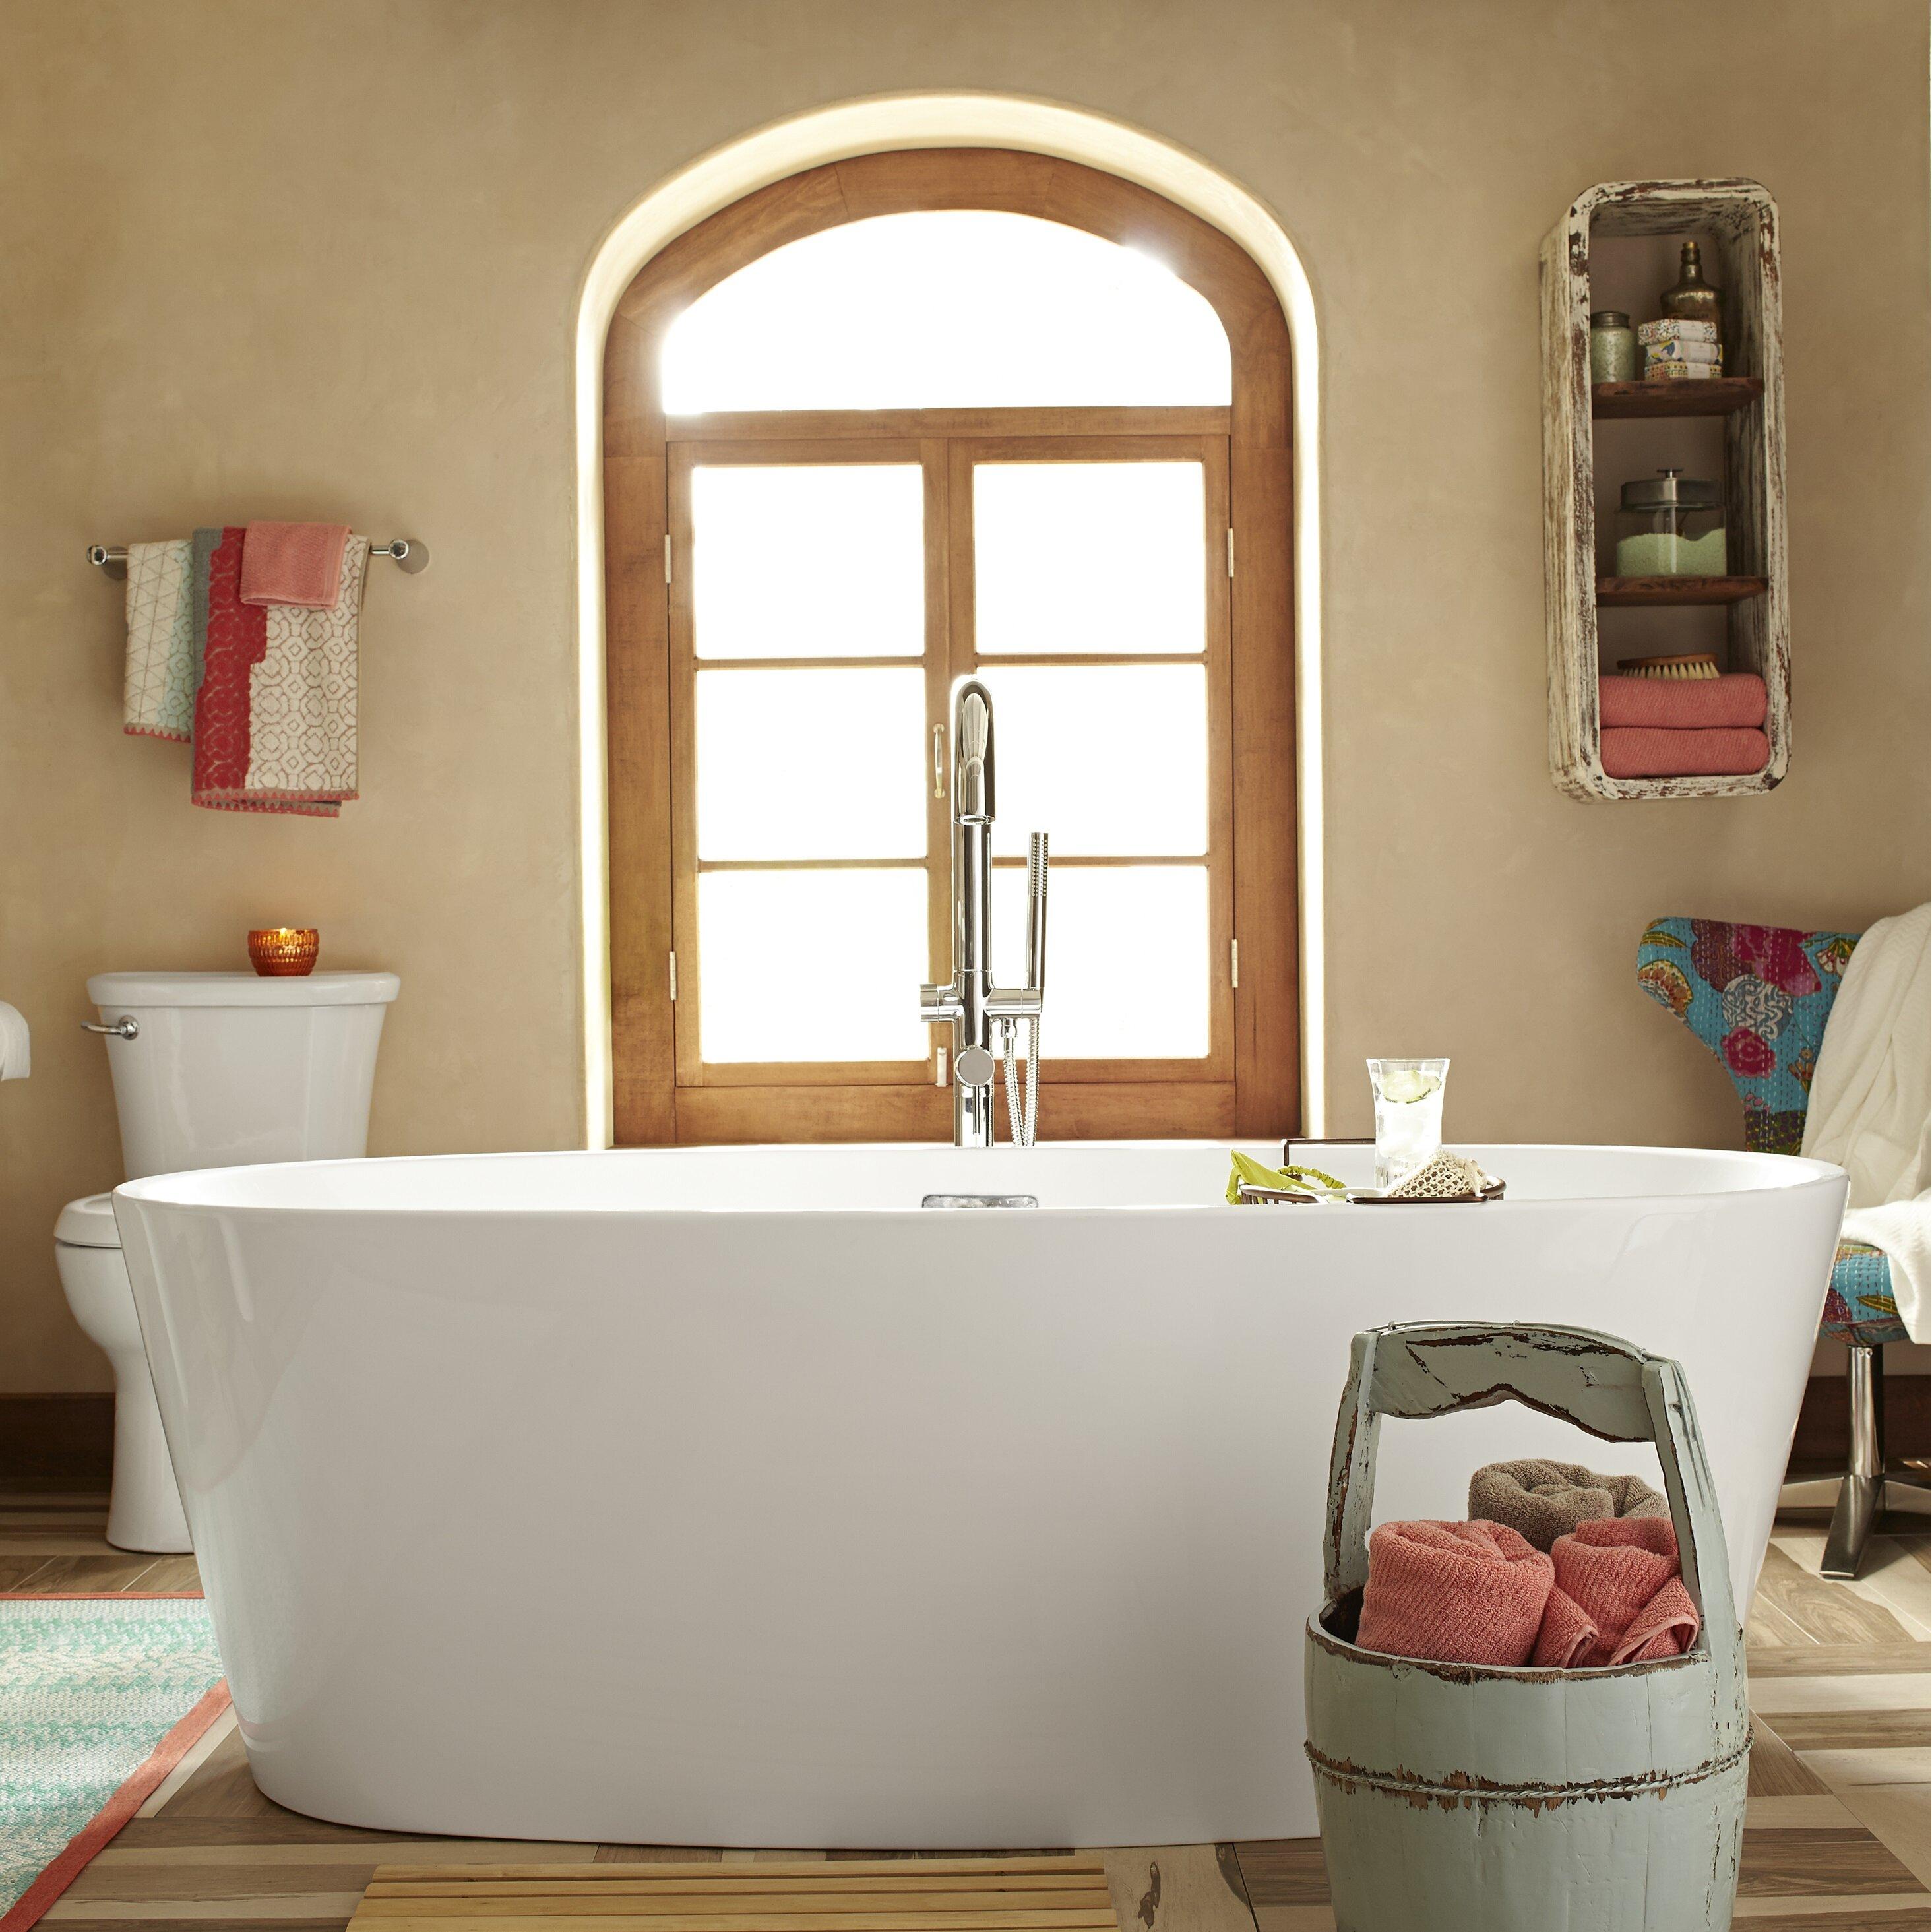 American Standard Coastal 68 75 Quot X 31 25 Quot Soaking Bathtub Amp Reviews